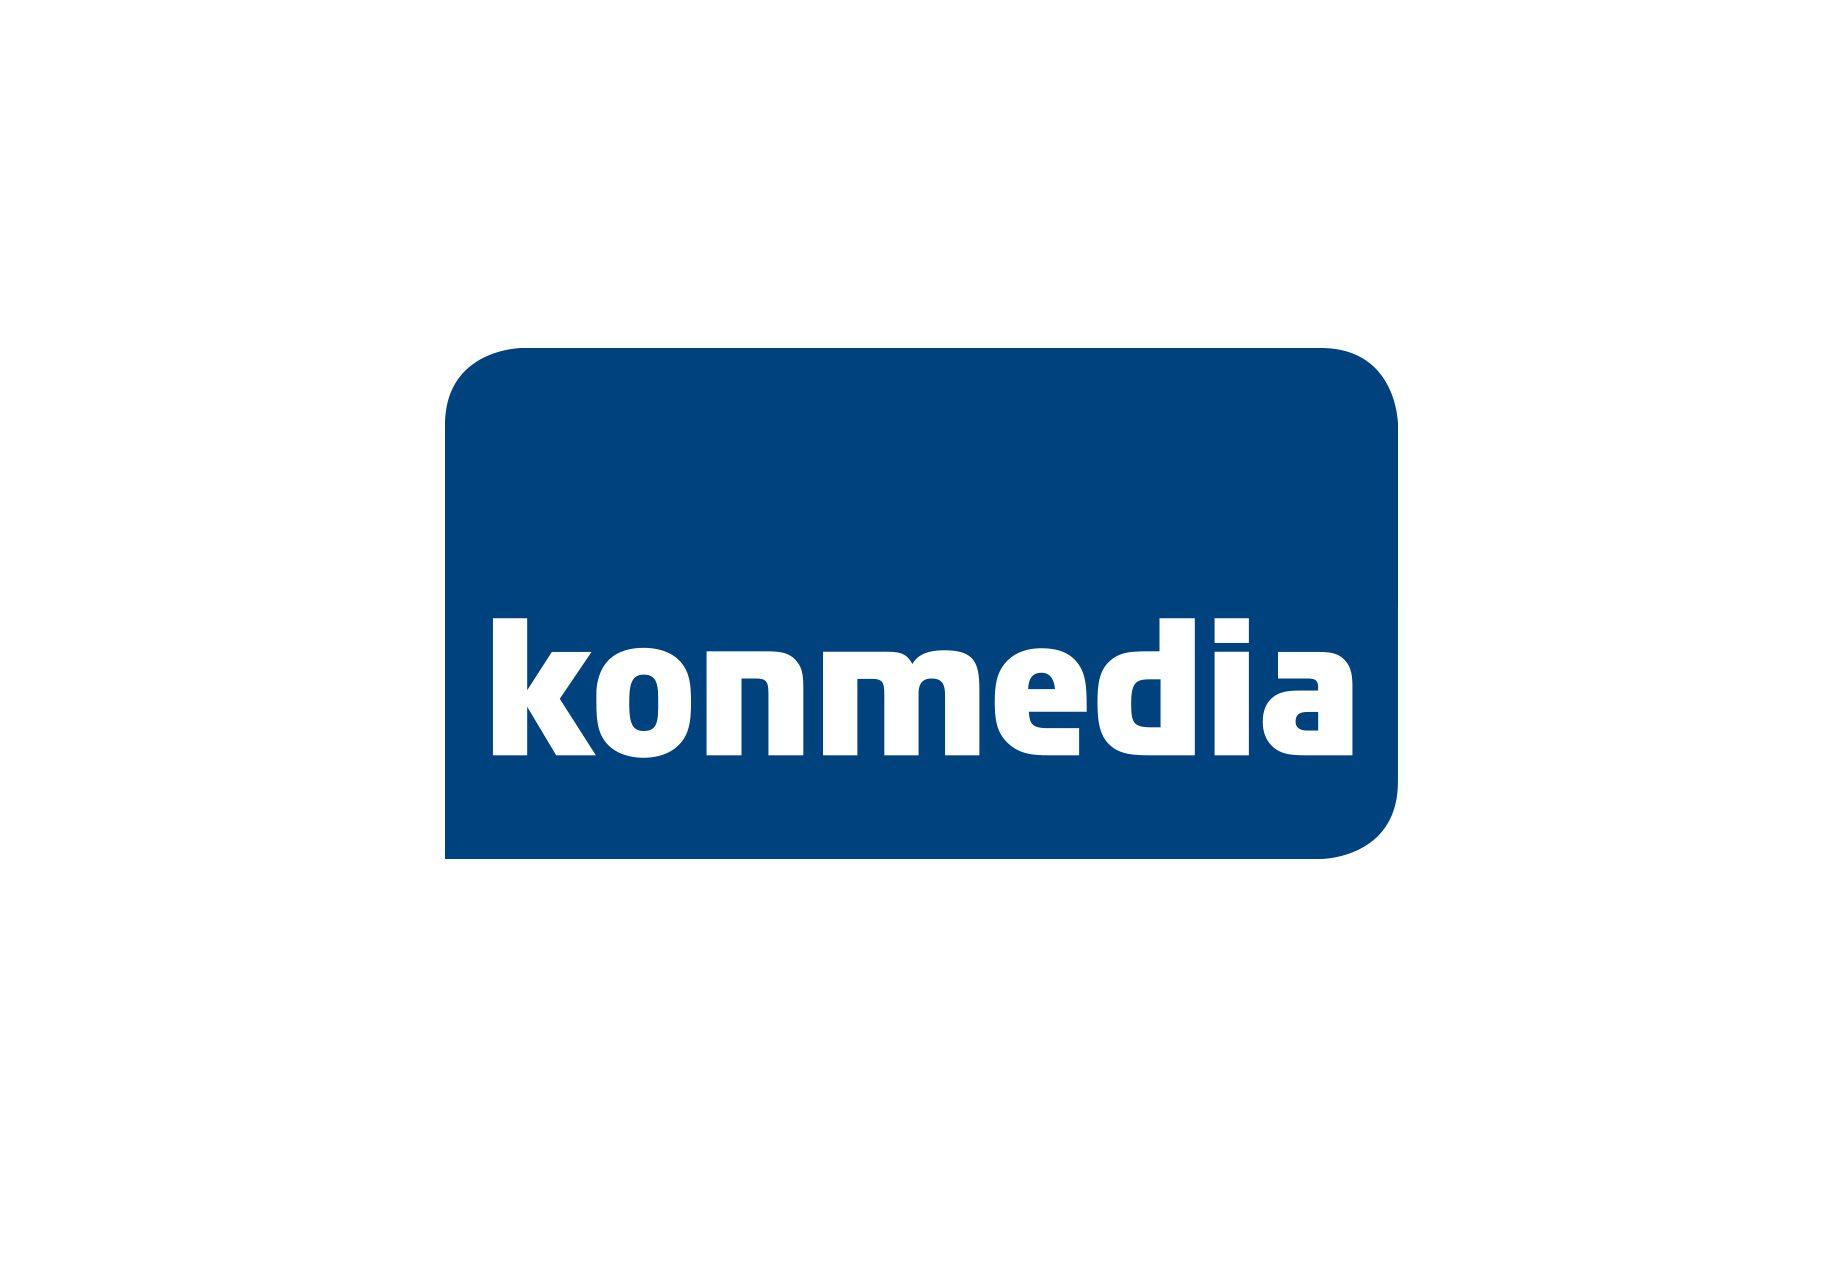 Konmedia